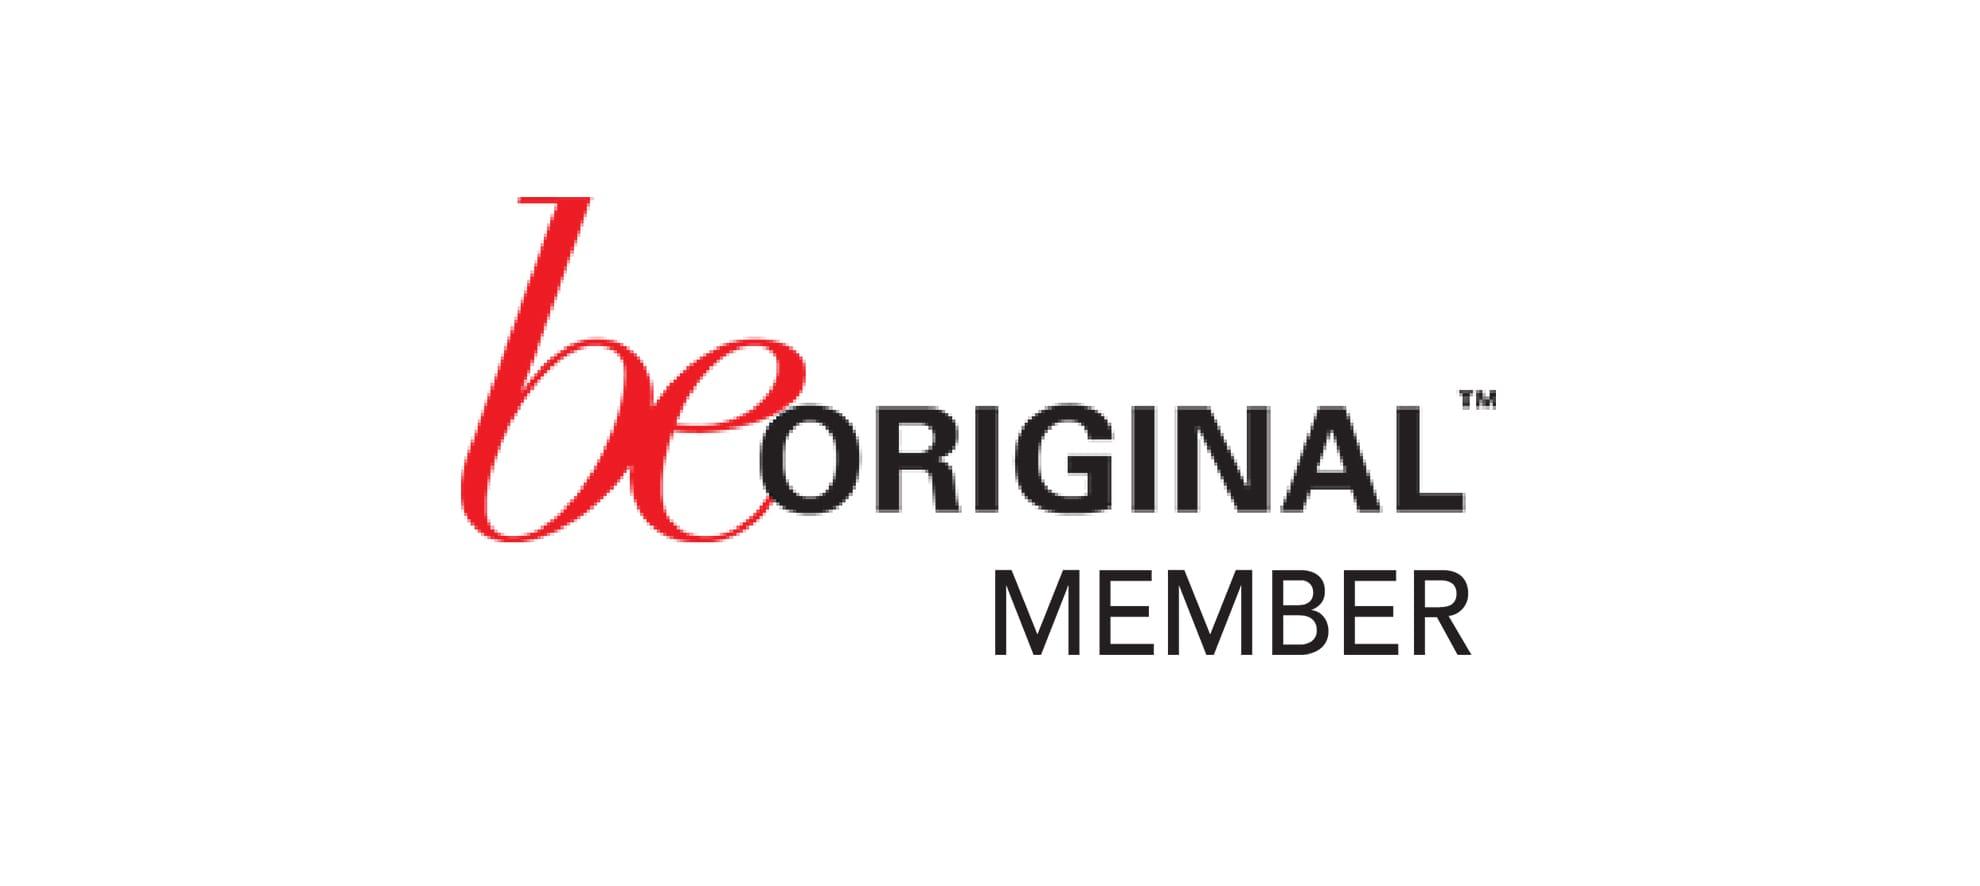 Be Original logo